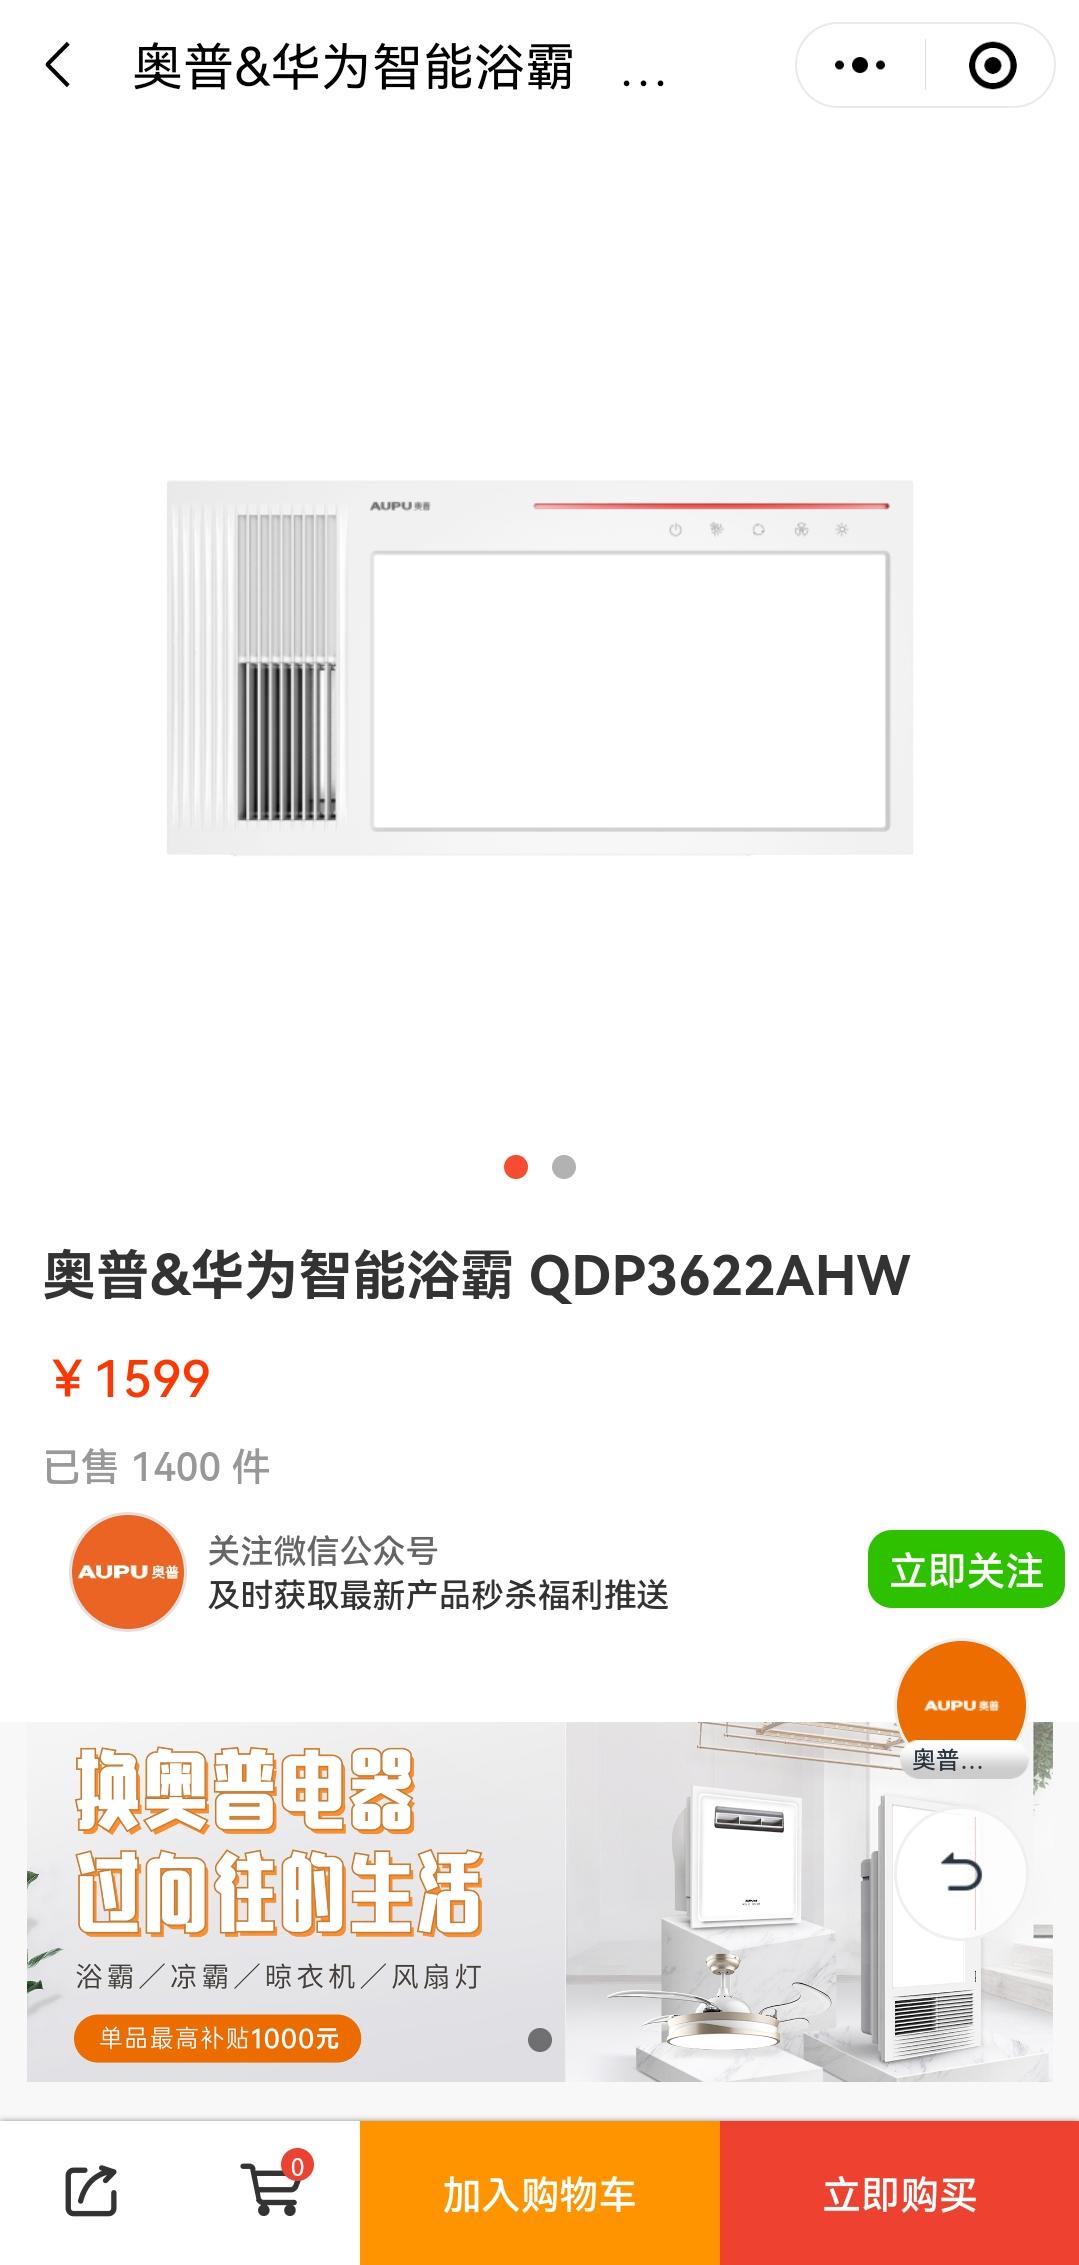 Screenshot_20211020_140032_com.tencent.mm.png